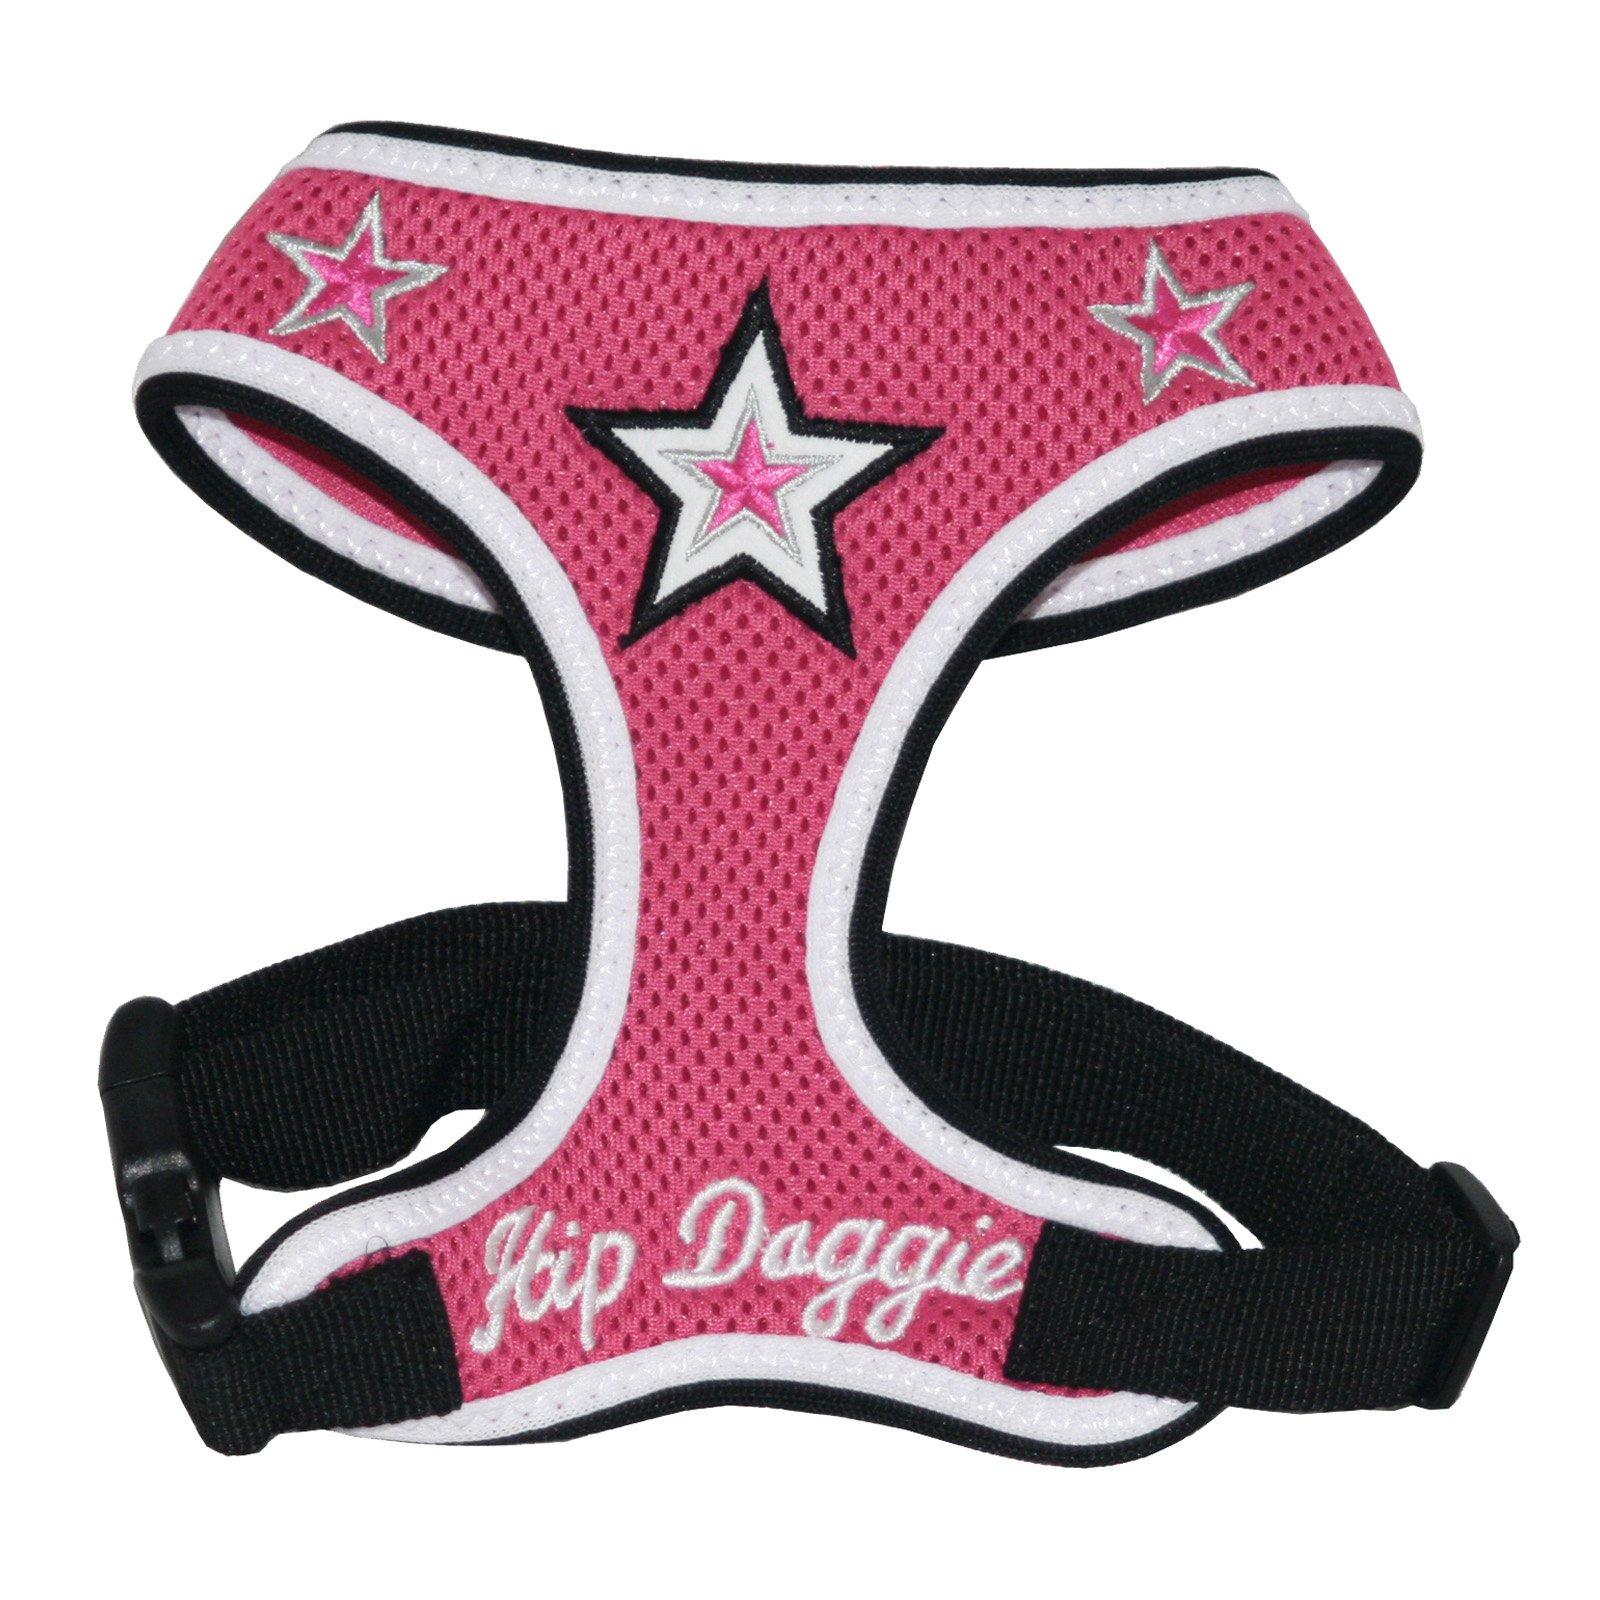 Hip Doggie Pink Super Star Mesh Harness Vest